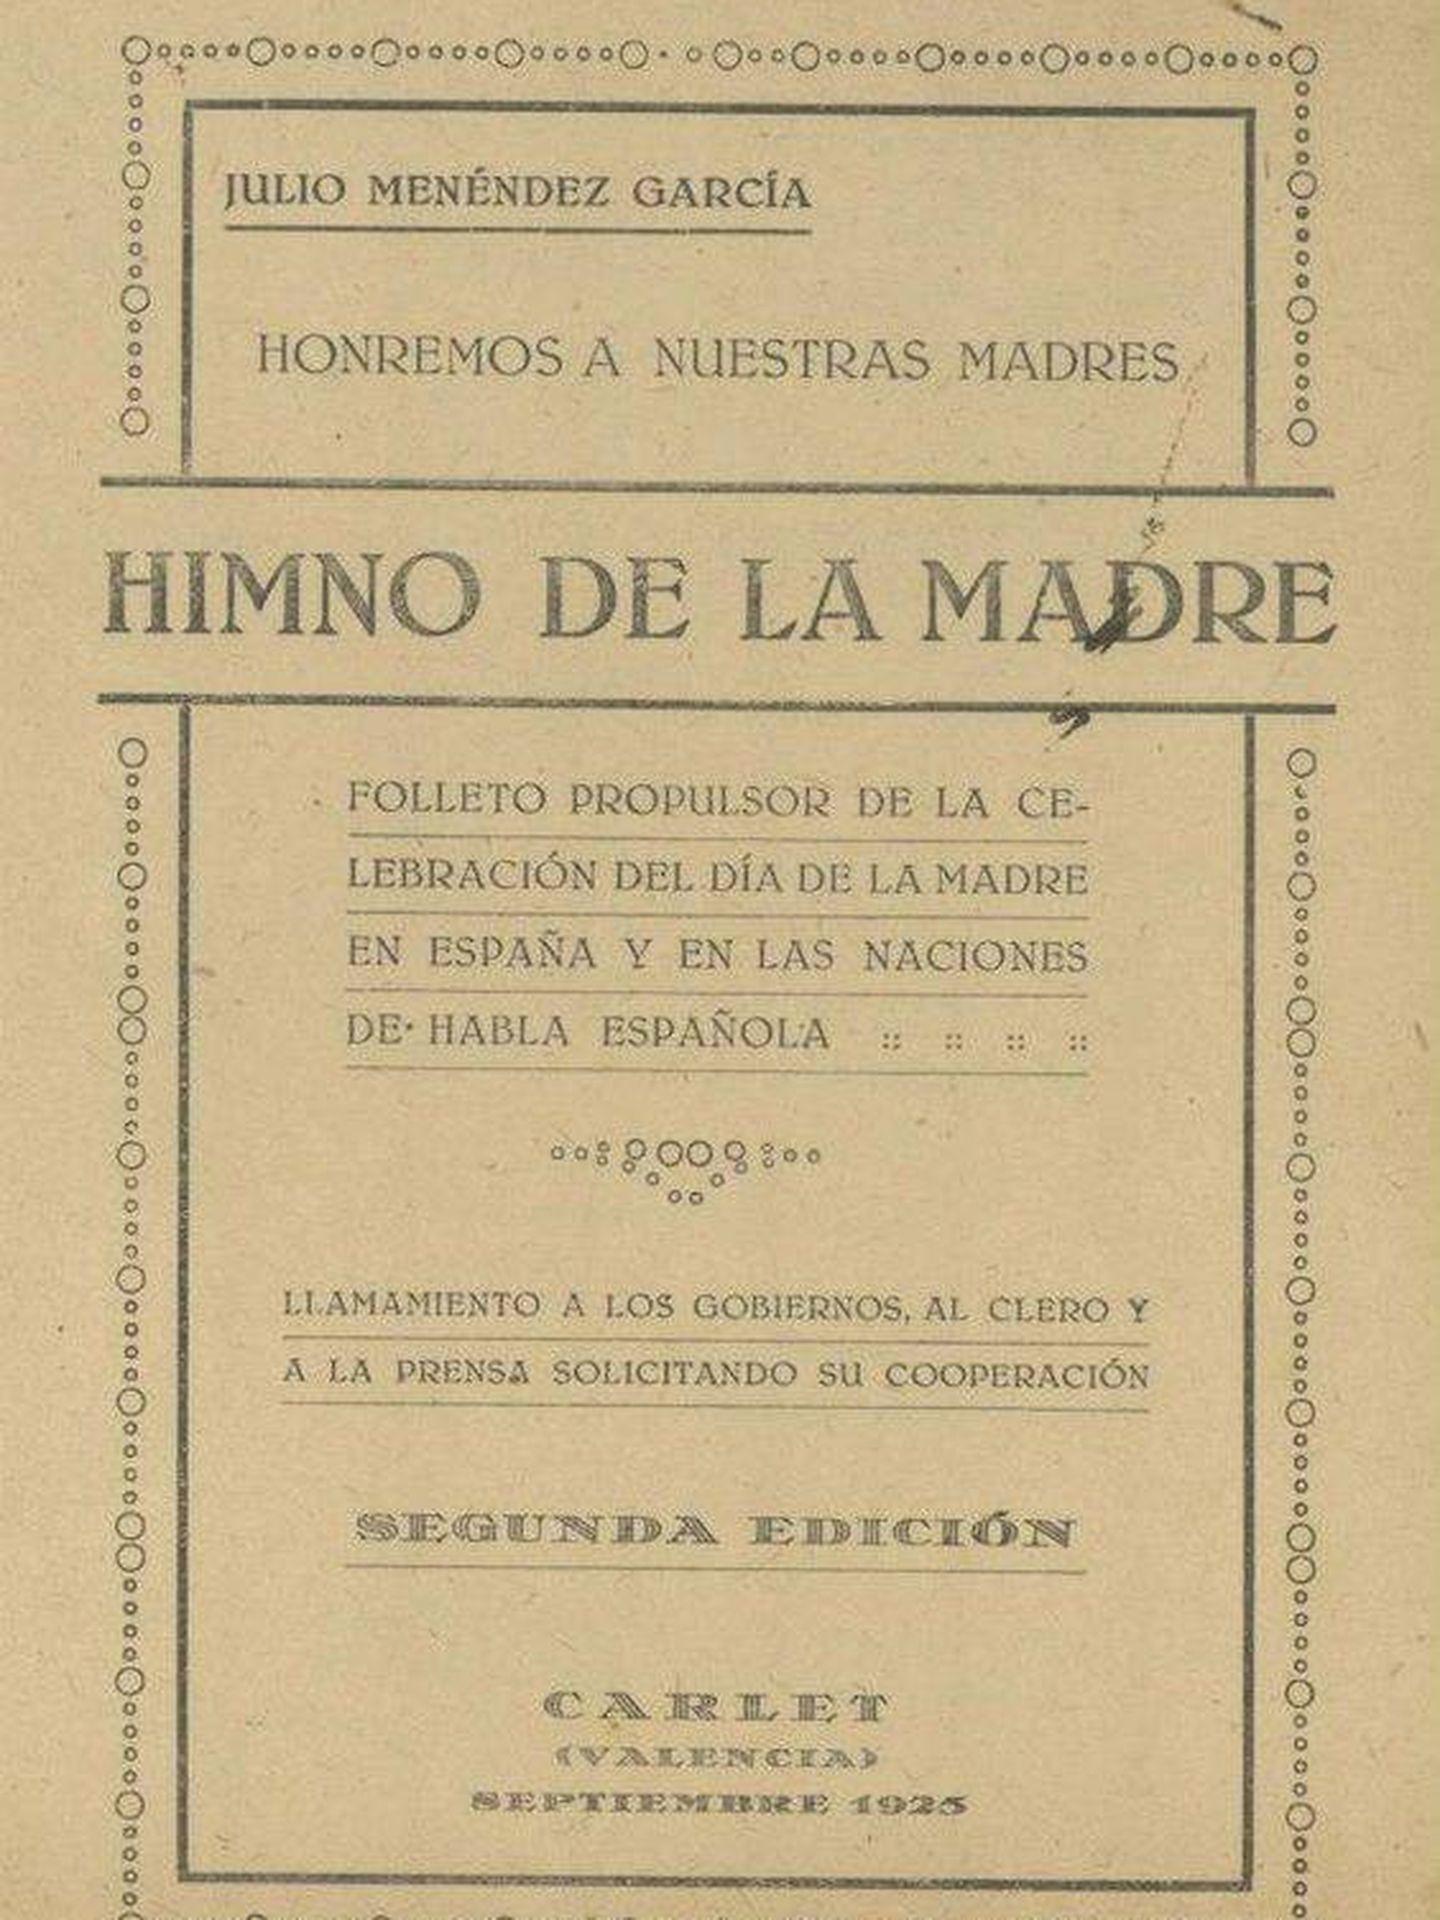 Himno de la madre   Foto: Archivo de la Diputación Provincial de Málaga